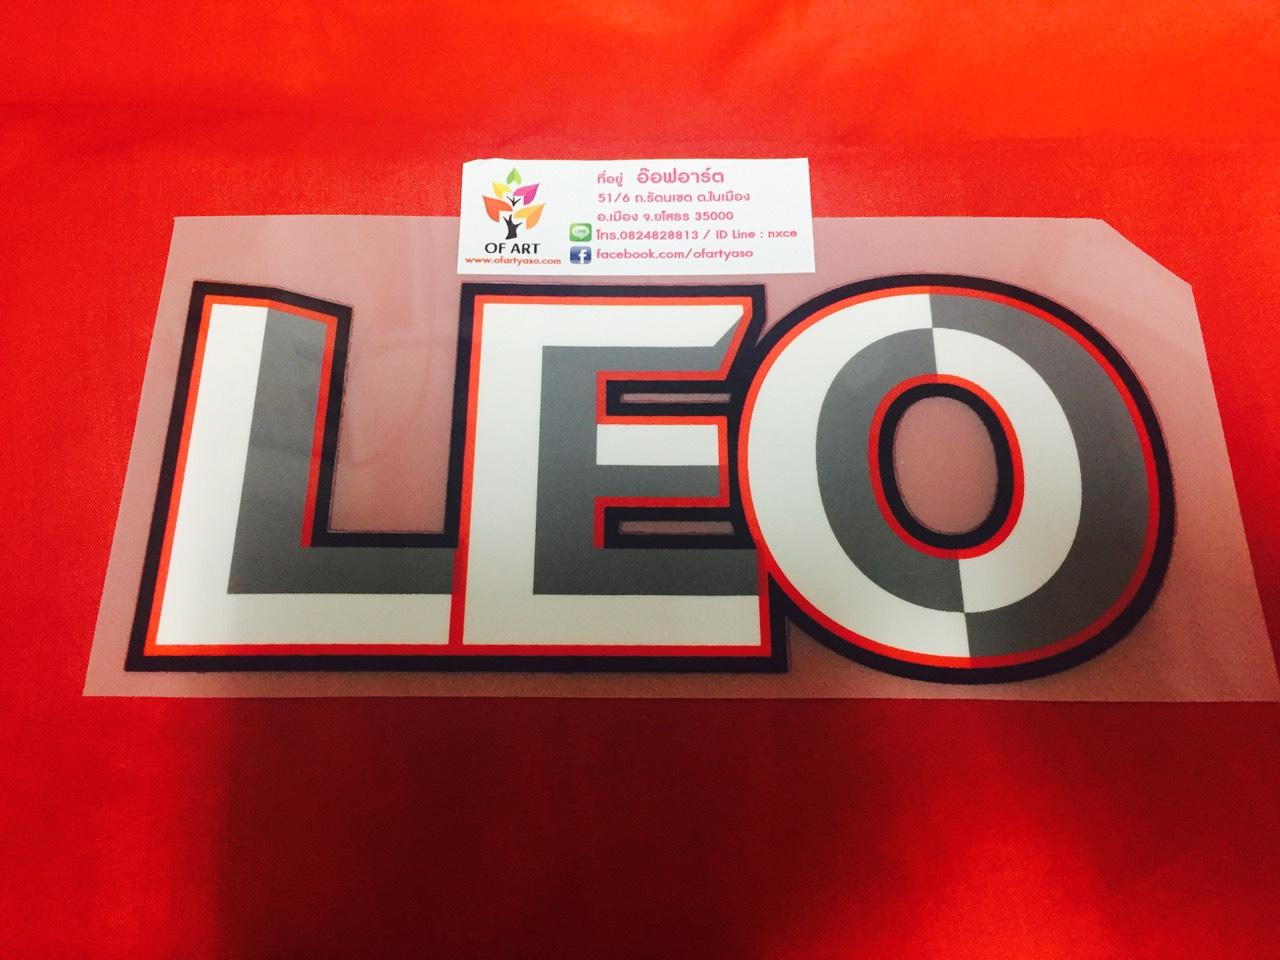 โลโก้ LEO ใหญ่ ราคา 20 บาท (ขั้นต่ำ 10 ชิ้น)